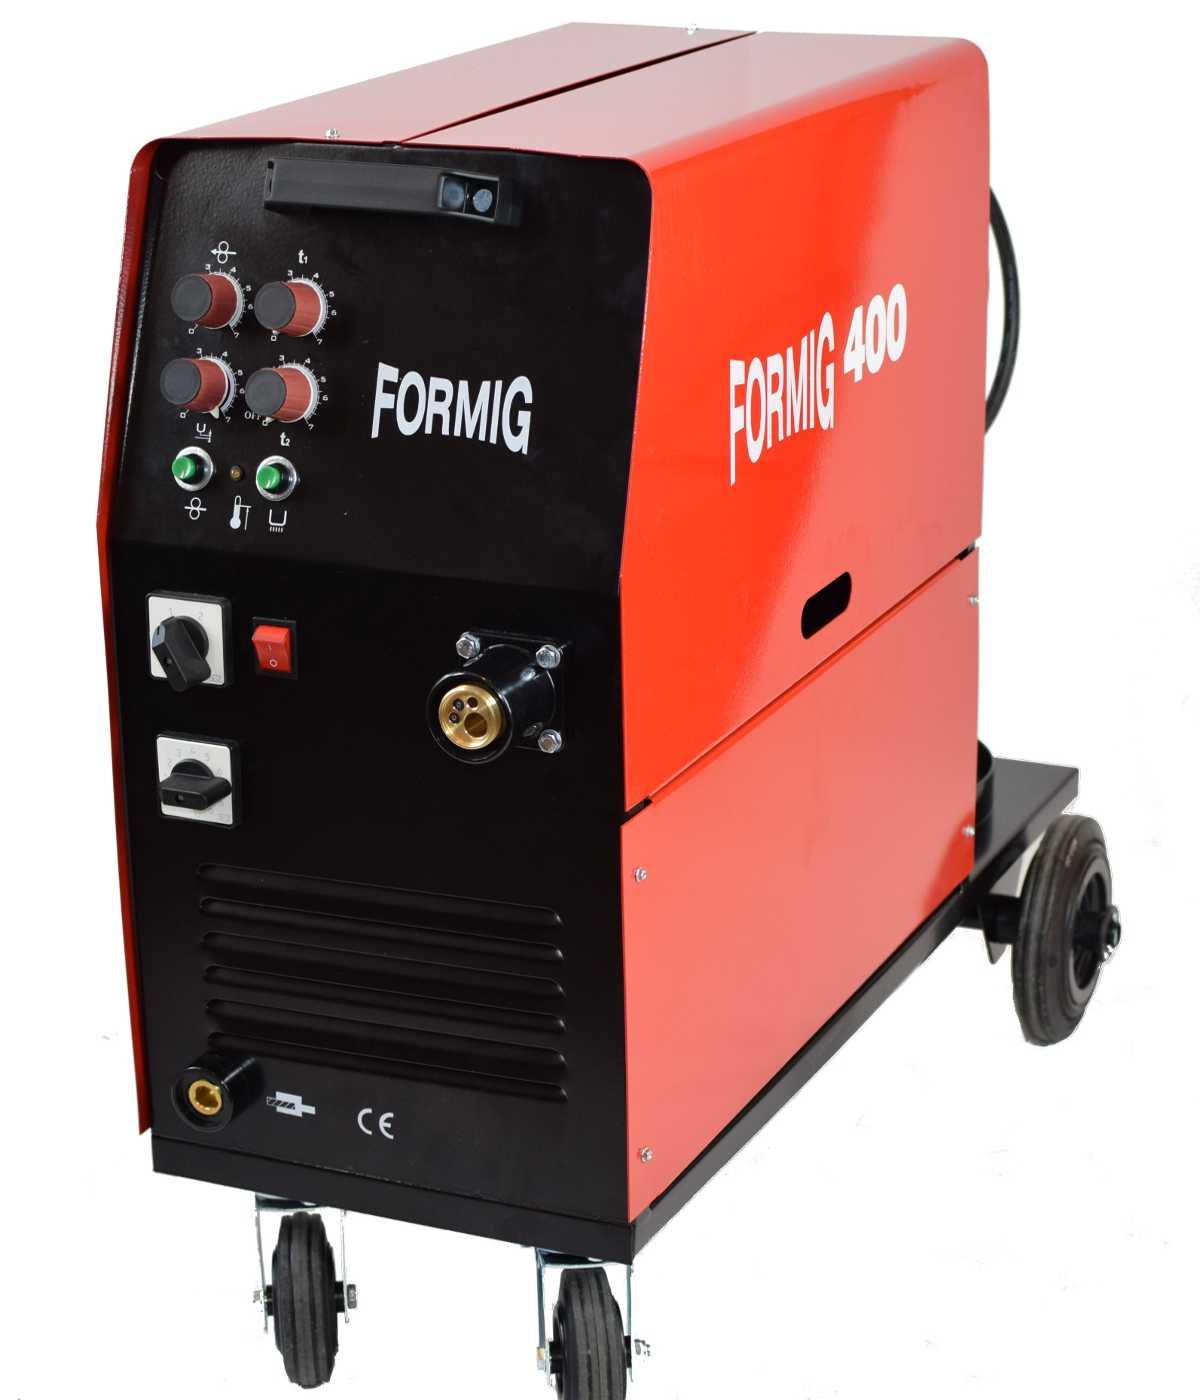 FORMIG 400 CO2 védőgázas transzformátoros hegesztőgép